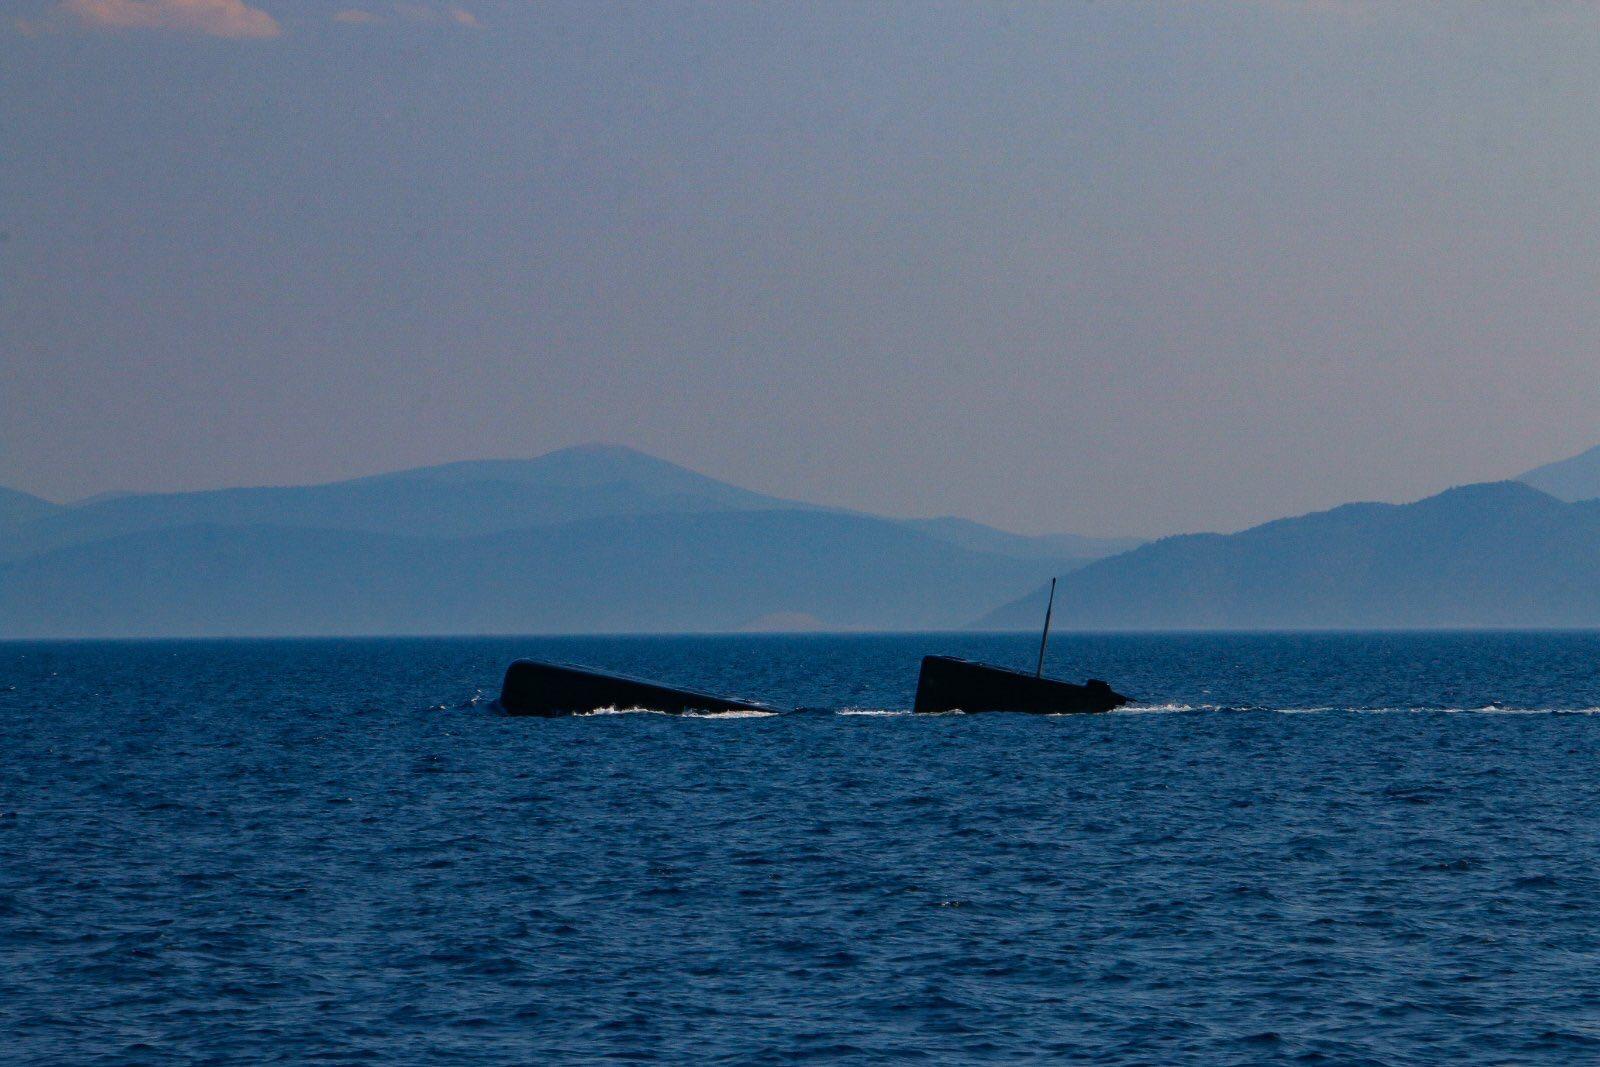 υποβρύχιο Πολεμικού Ναυτικού